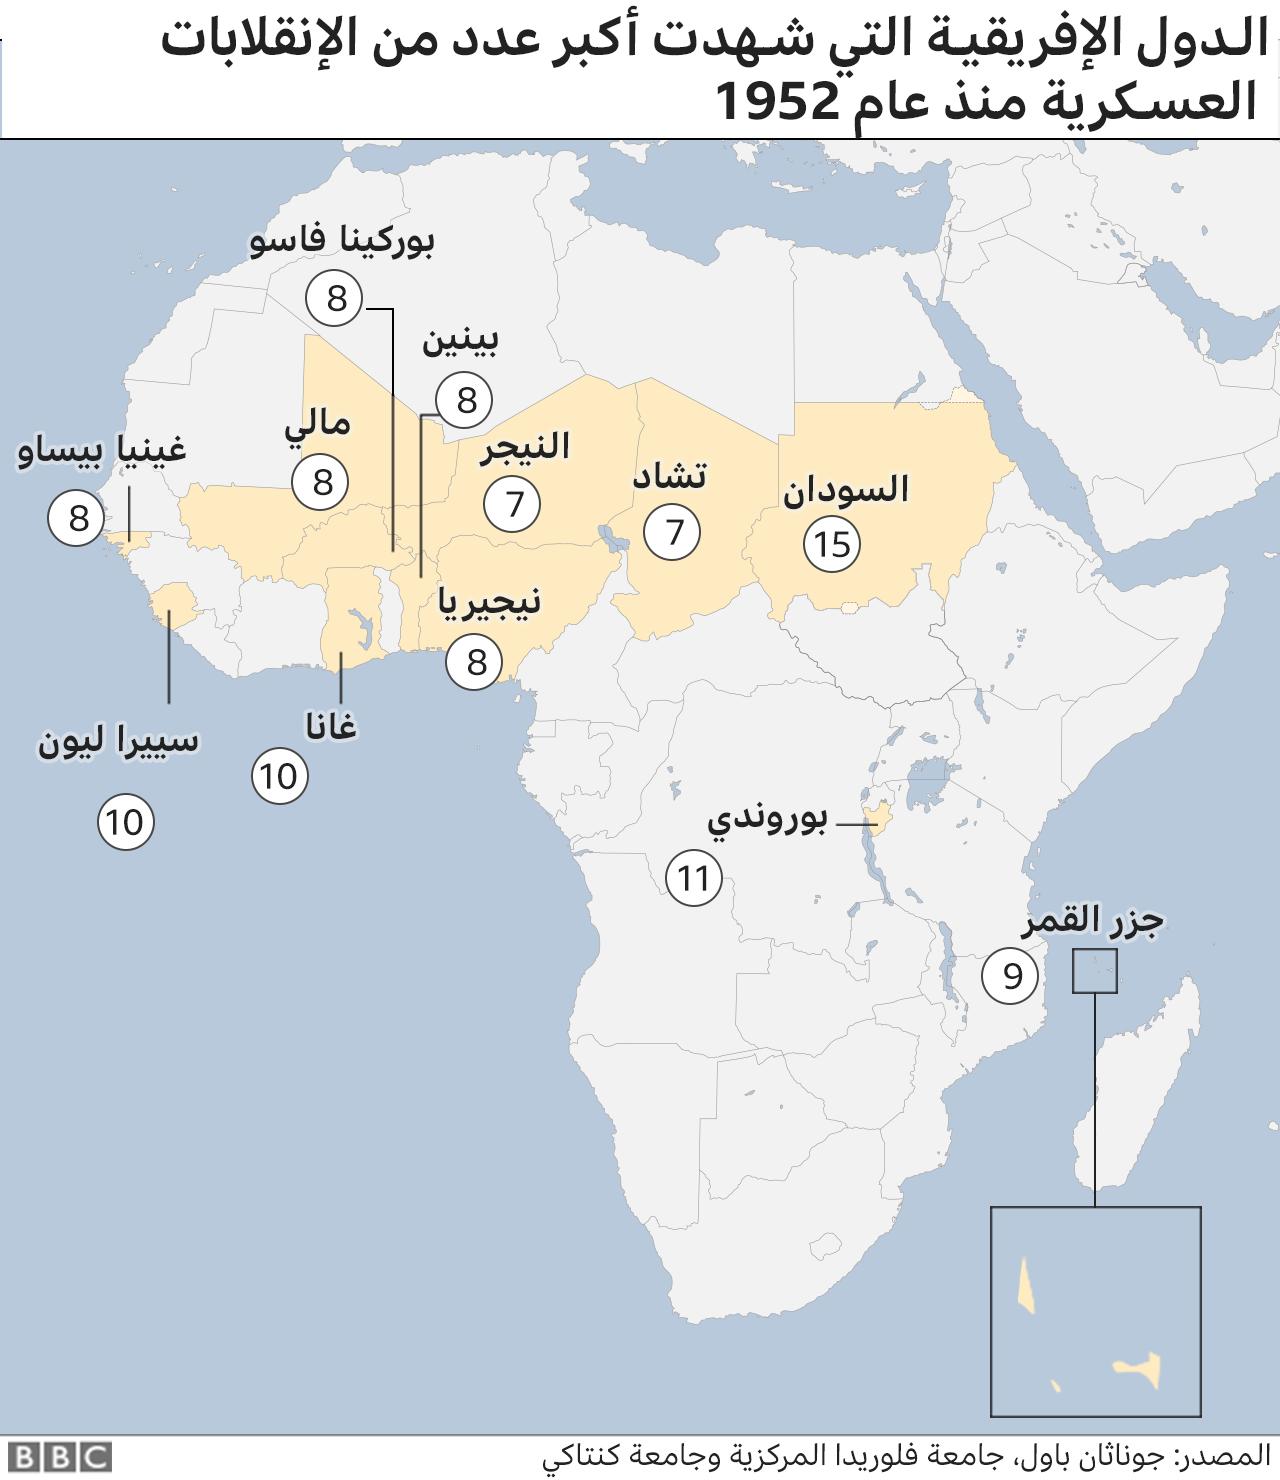 خريطة إفريقيا من حيث البلدان التي وقعت فيها محاولات الانقلاب. مايو/أيار 2021